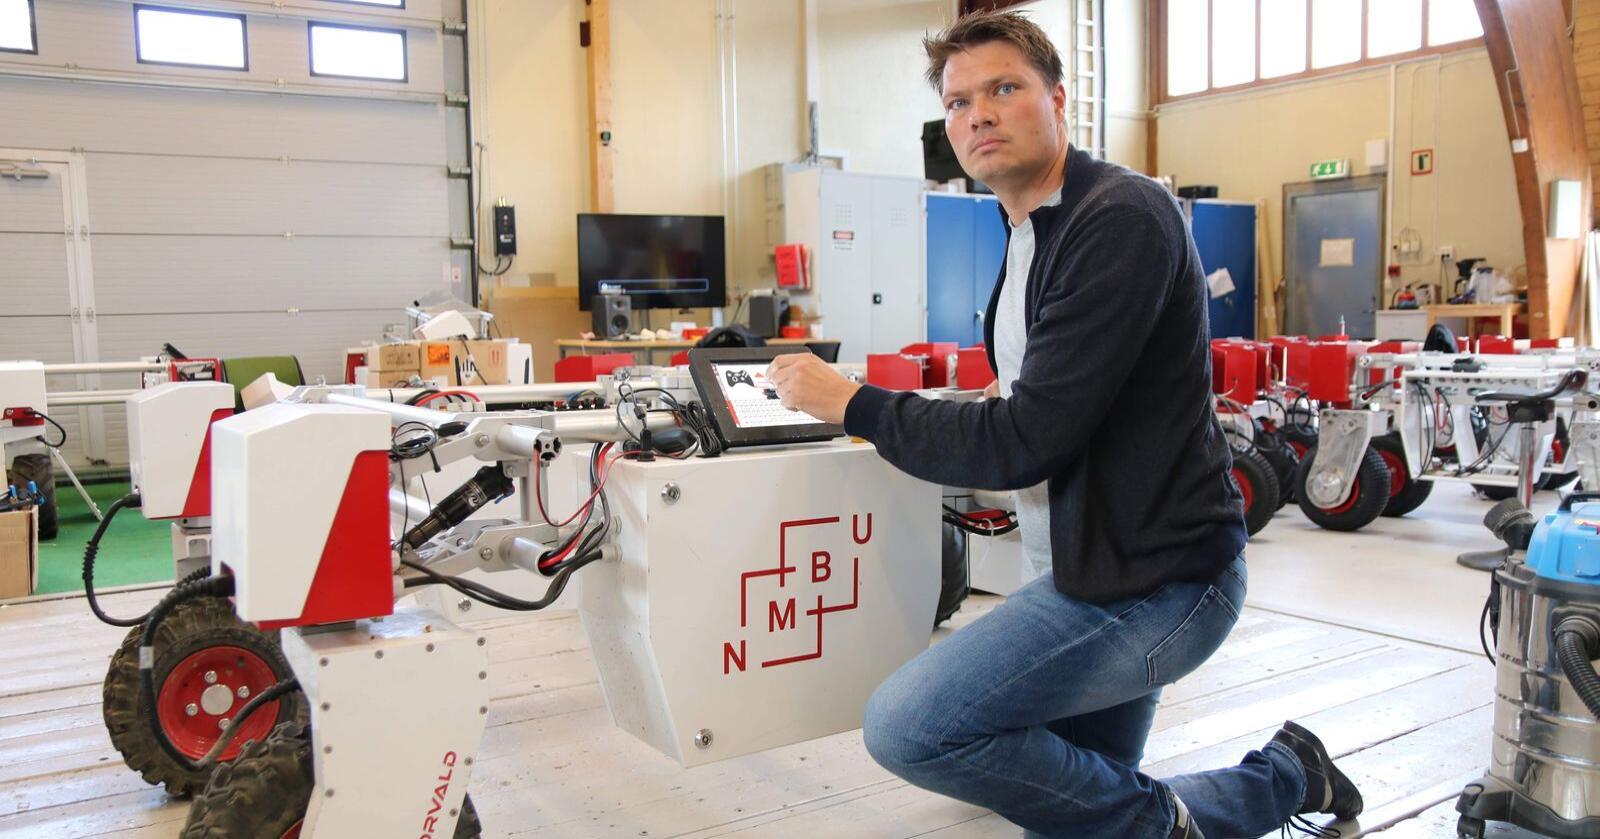 – Med tiden vil nok robotene gjøre så mange som mulig av de oppgavene som må gjøres ute på jordet, sier professor Pål Johan From.Foto: Dag Idar Jøsang / Norsk Landbruk